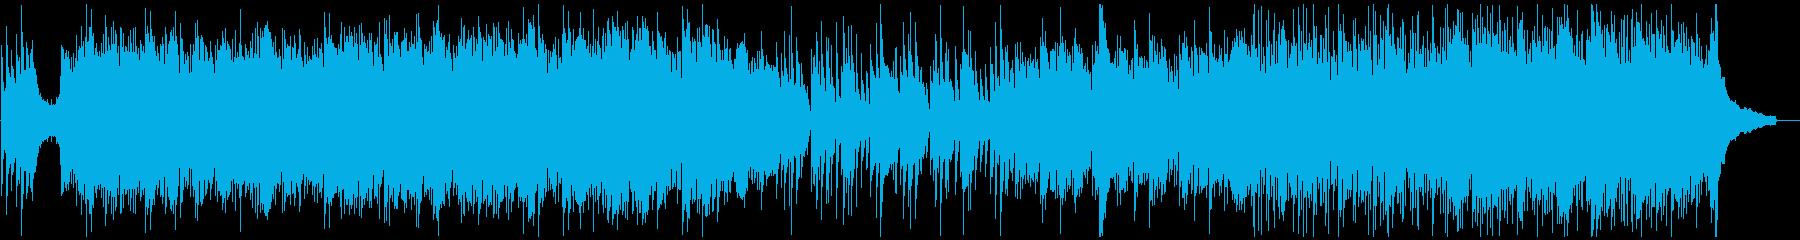 和風。温かく透き通るピアノ・和楽器。の再生済みの波形